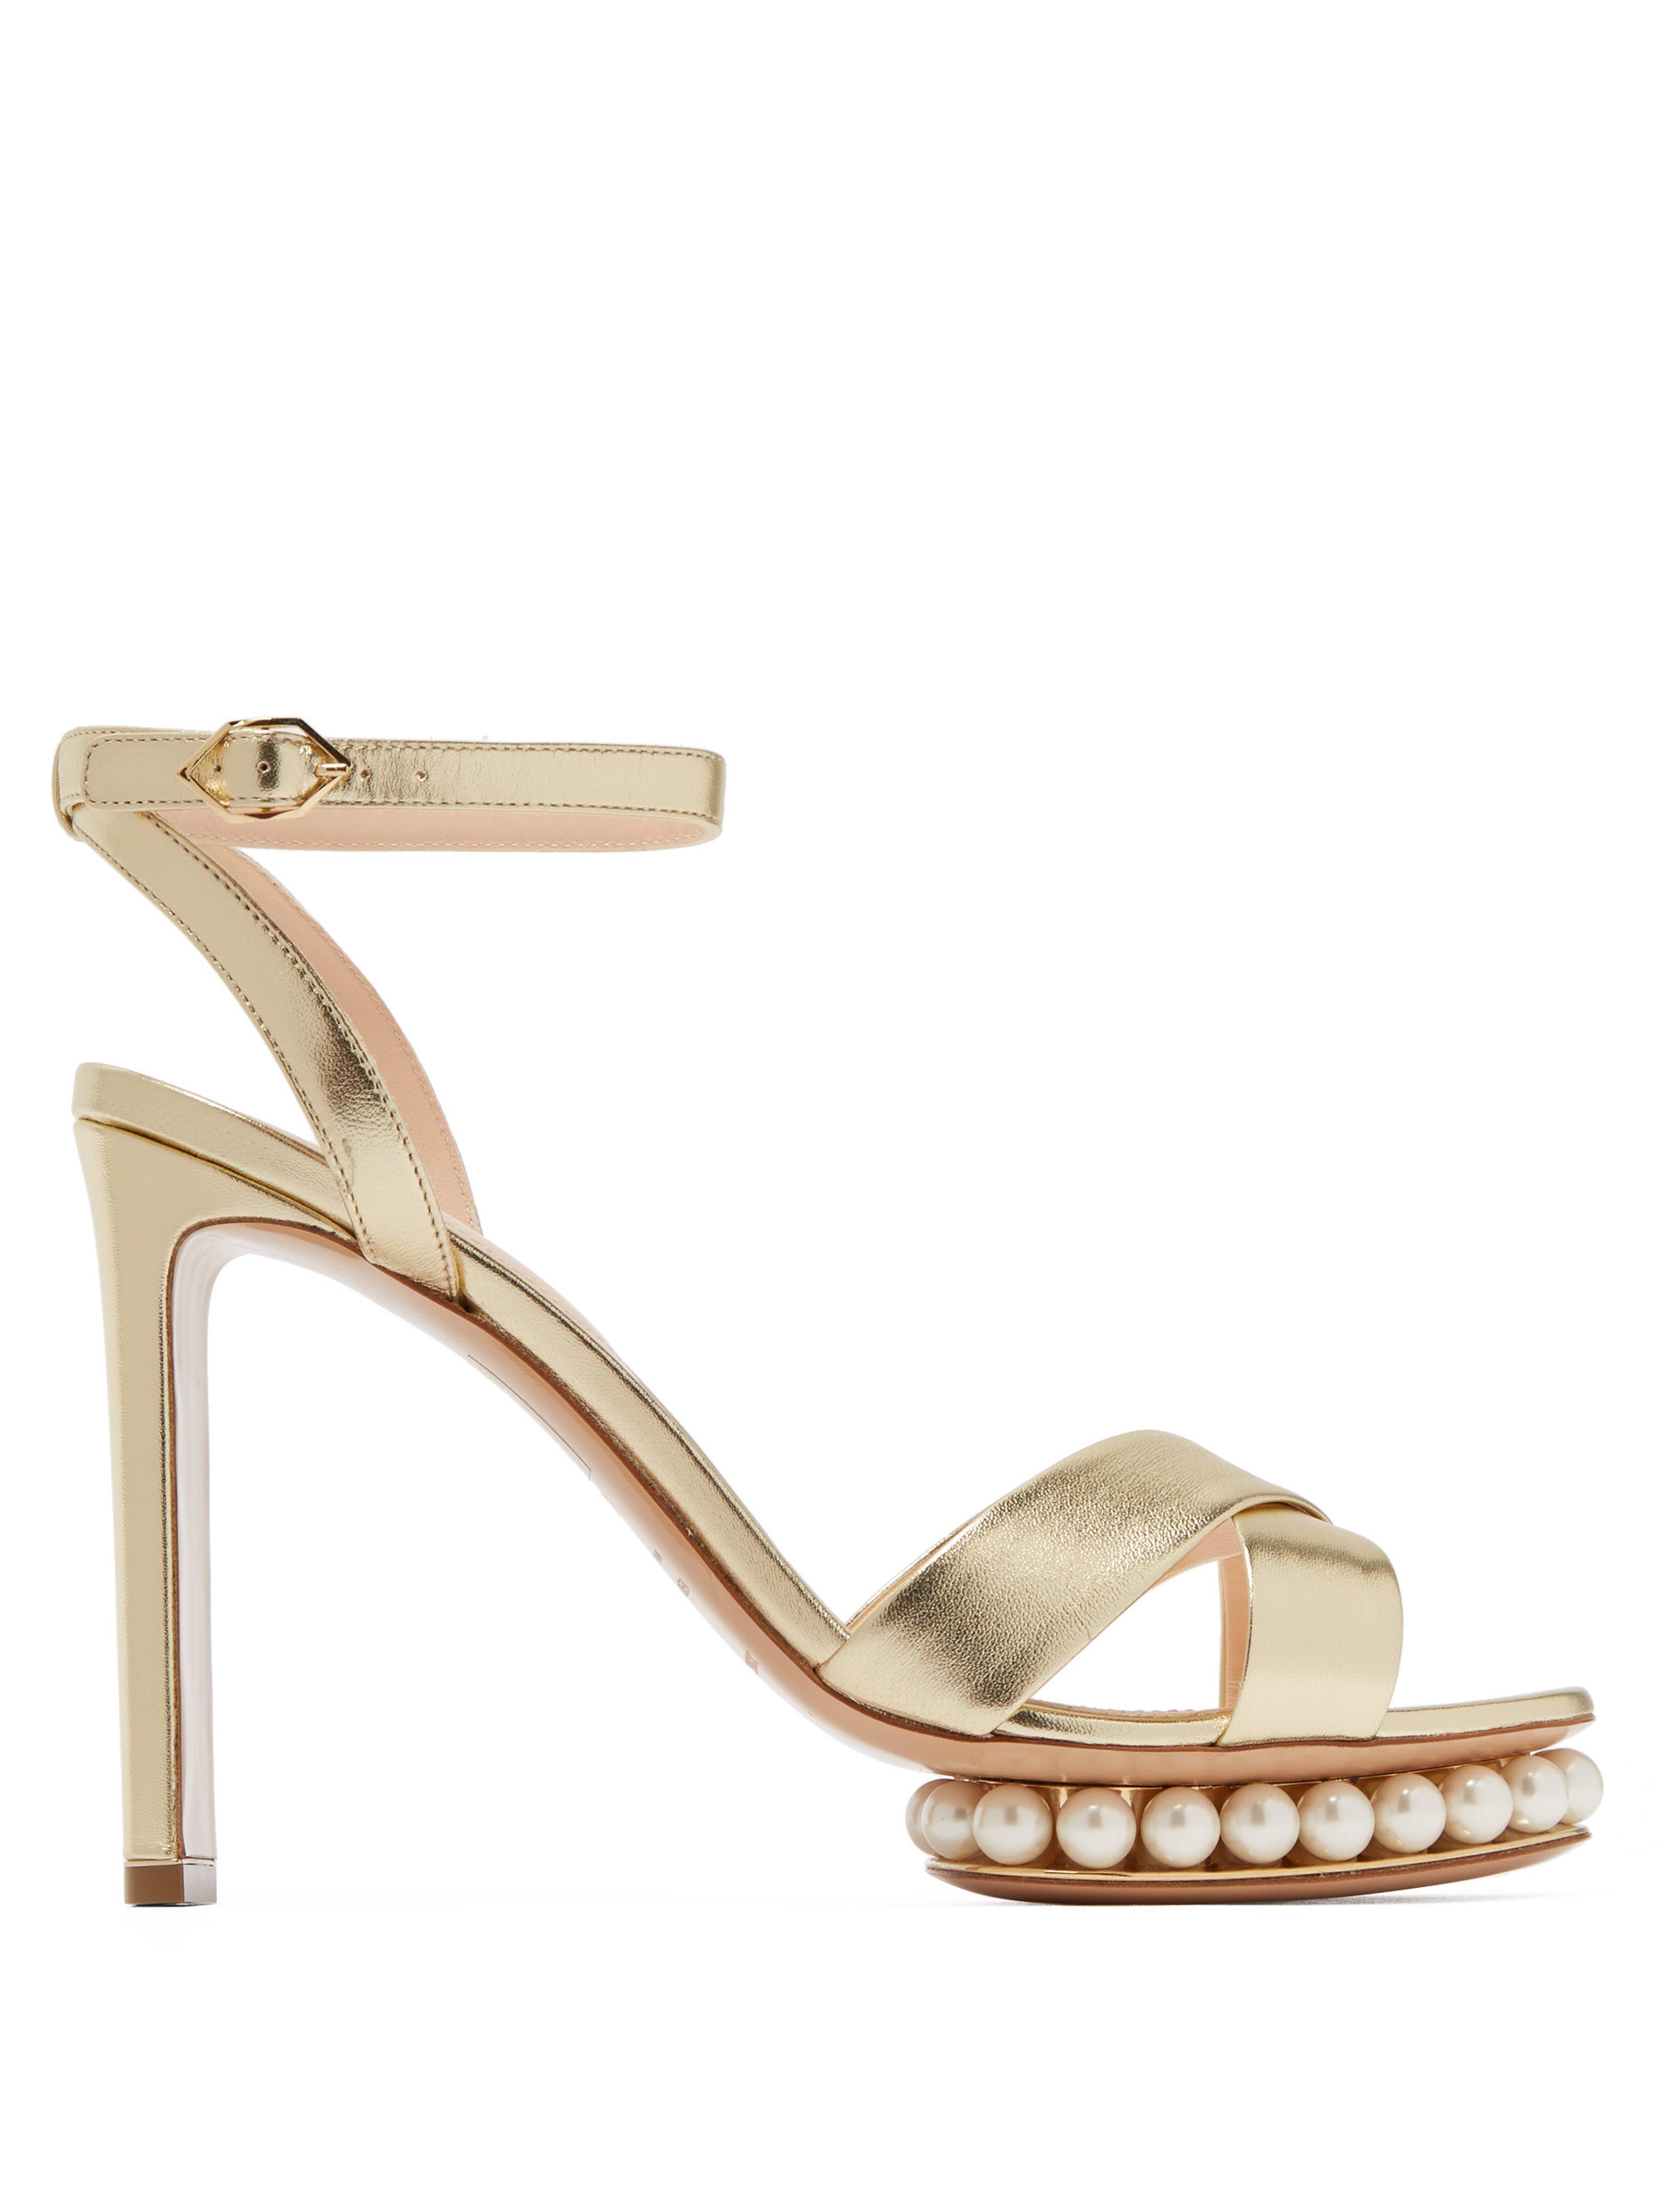 6fdb47d2731 Nicholas Kirkwood. Women s Metallic Casati Faux Pearl Embellished Leather  Sandals